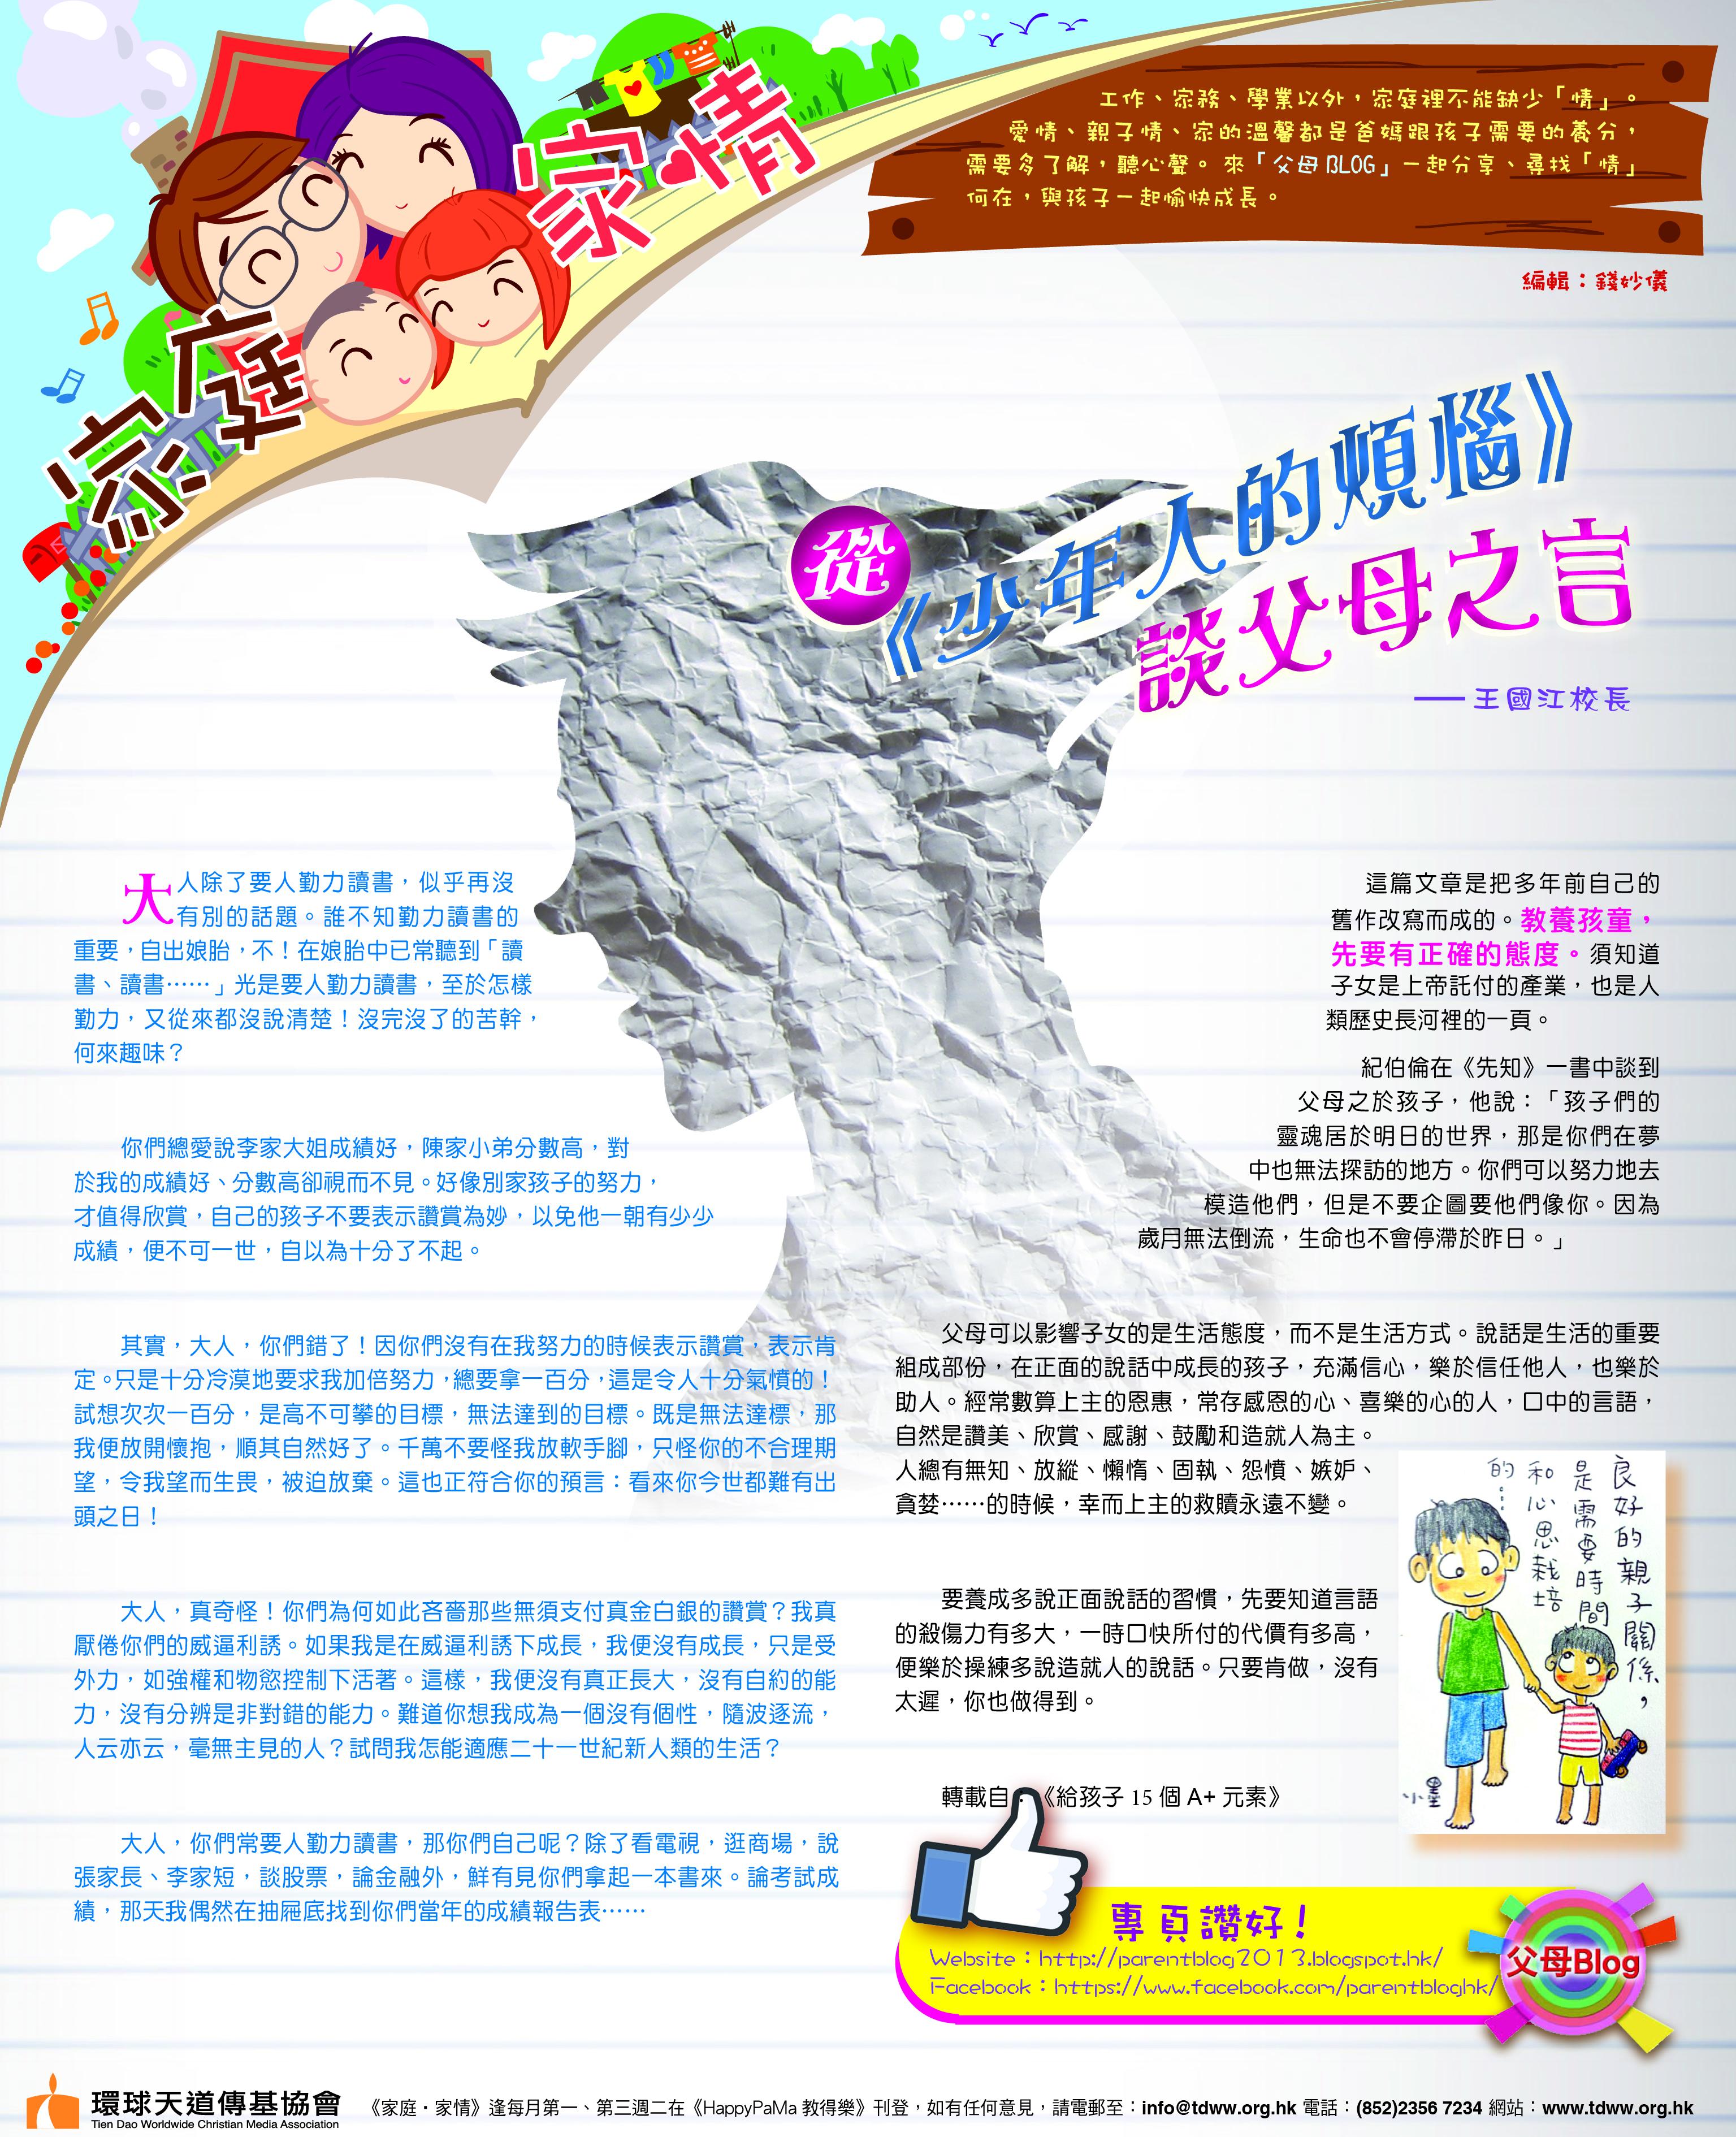 mingpao-3jan-output